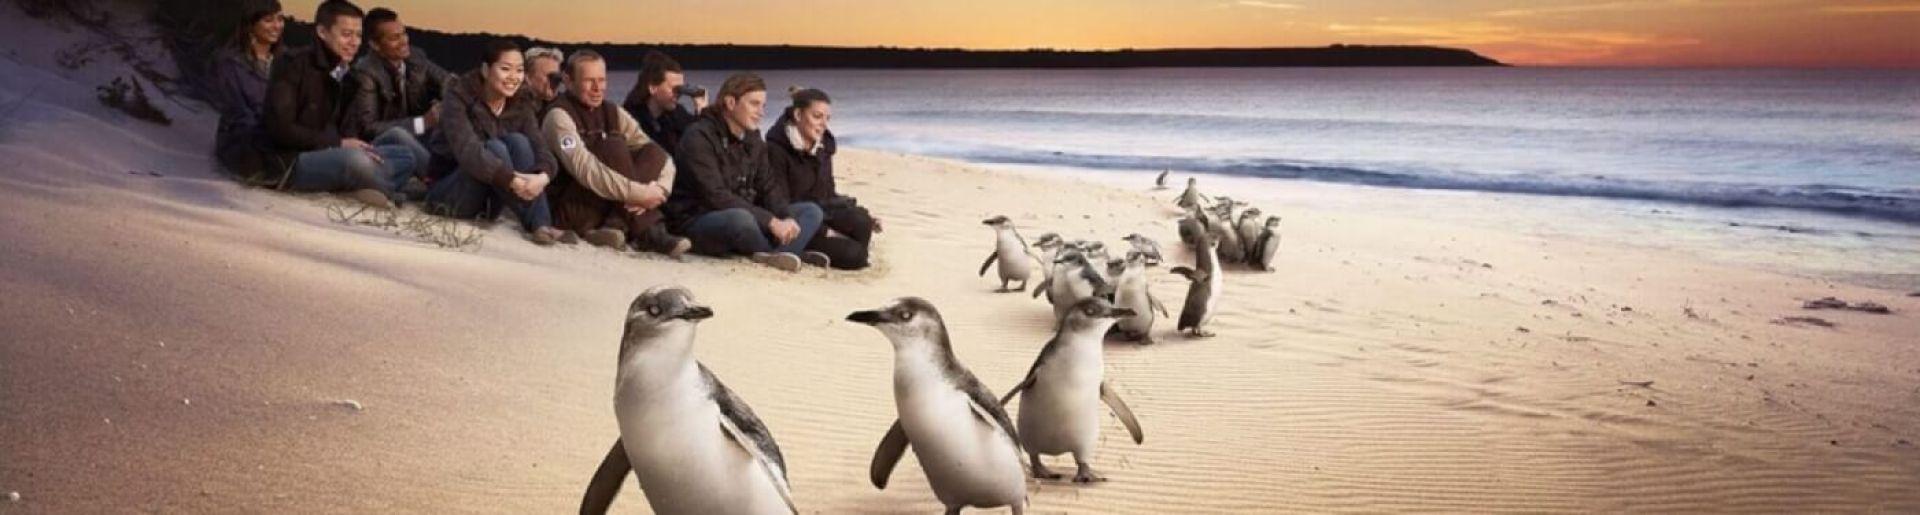 Phillip Island Tour